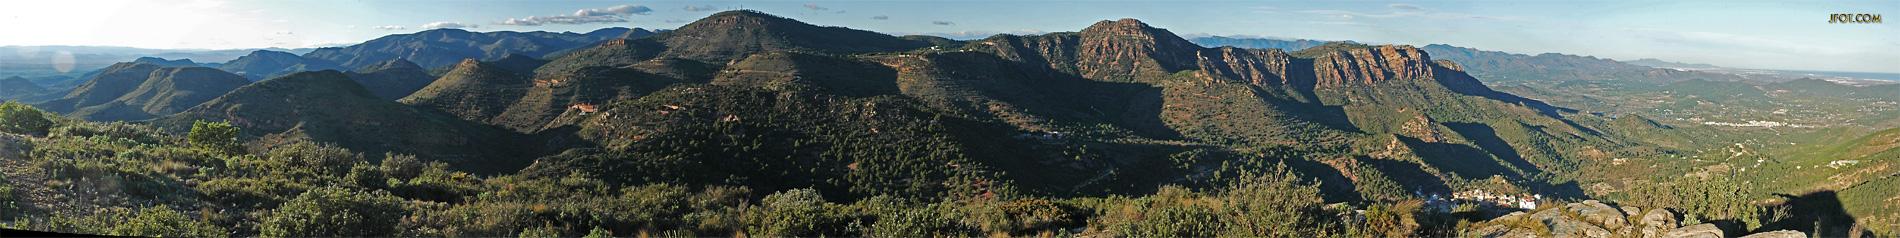 Alto del Pino desde la muela de Segart